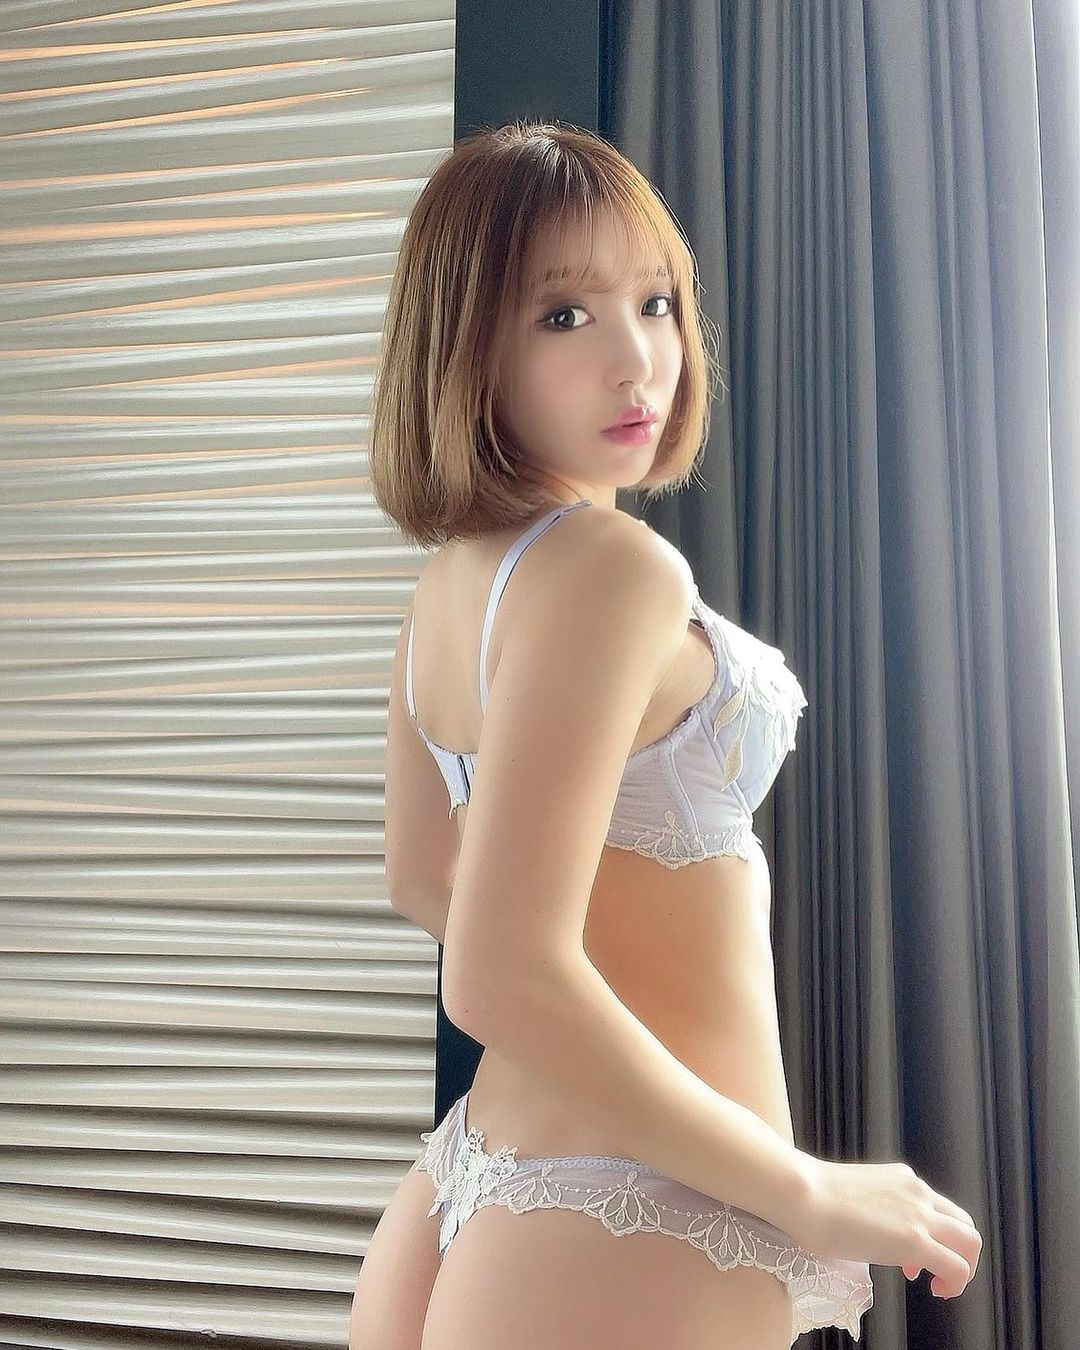 ishihara_yuriko221.jpg